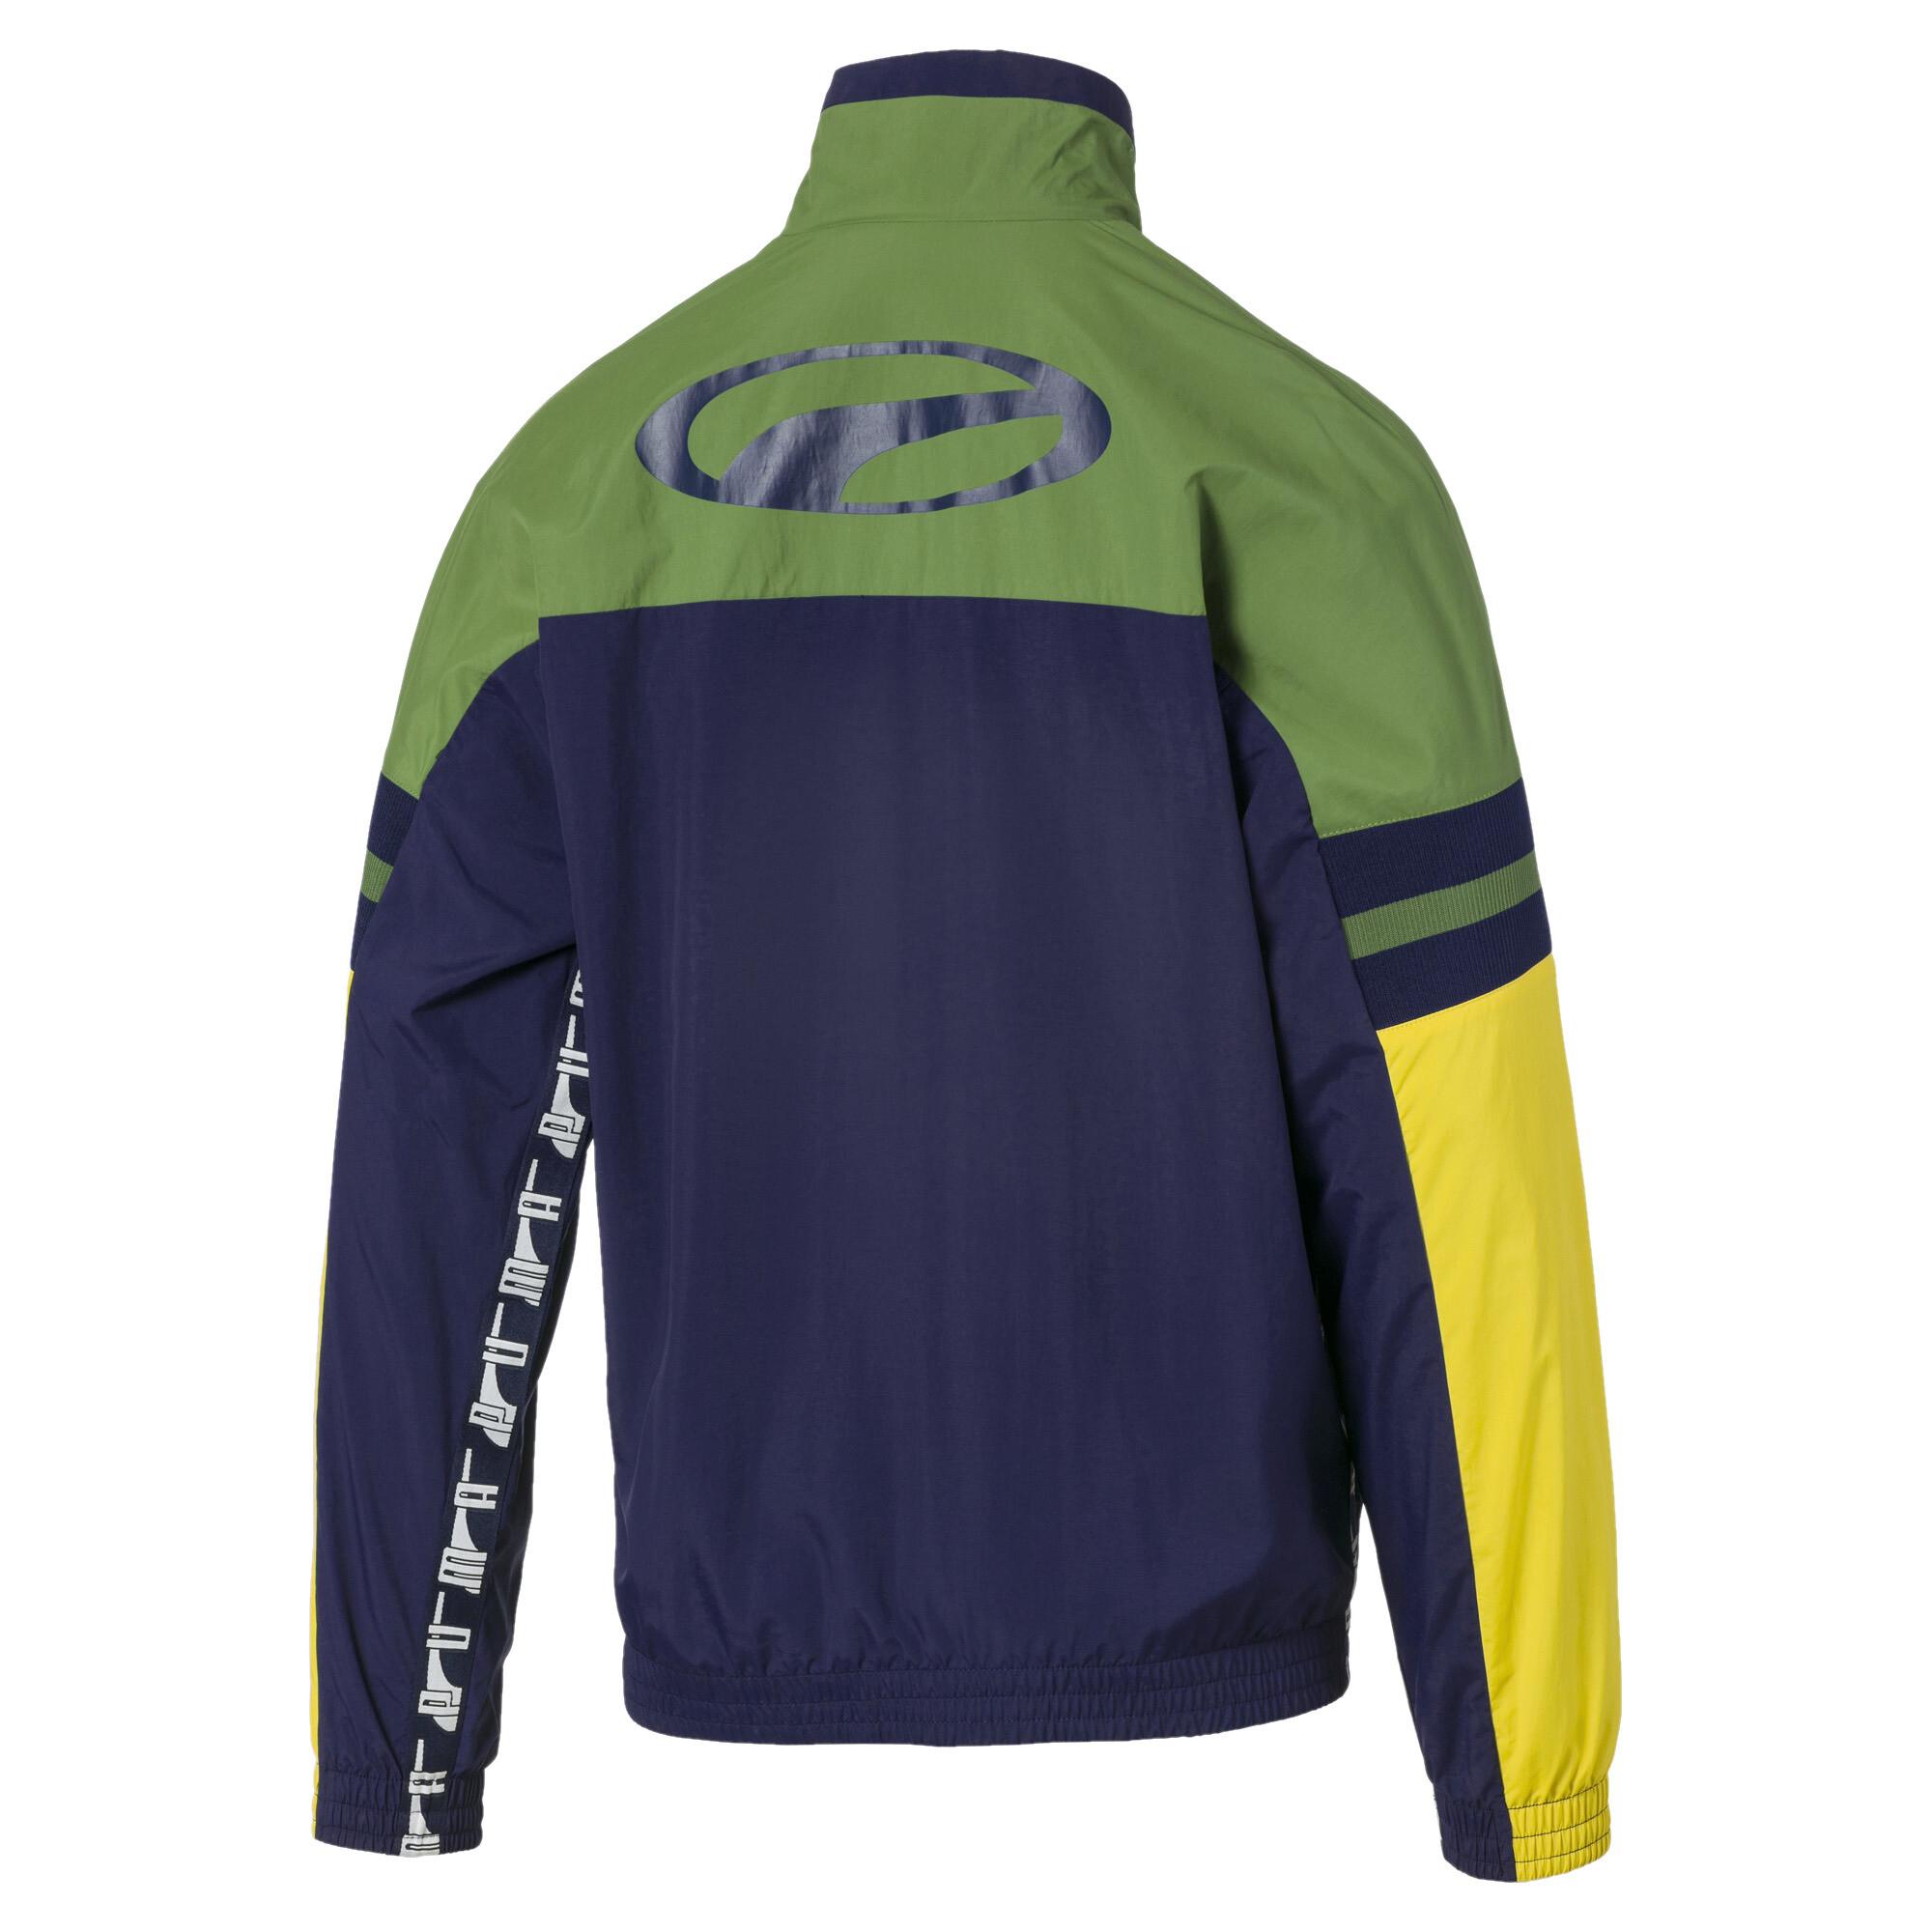 PUMA-PUMA-XTG-Men-039-s-Woven-Jacket-Men-Track-Jacket-Sport-Classics thumbnail 3